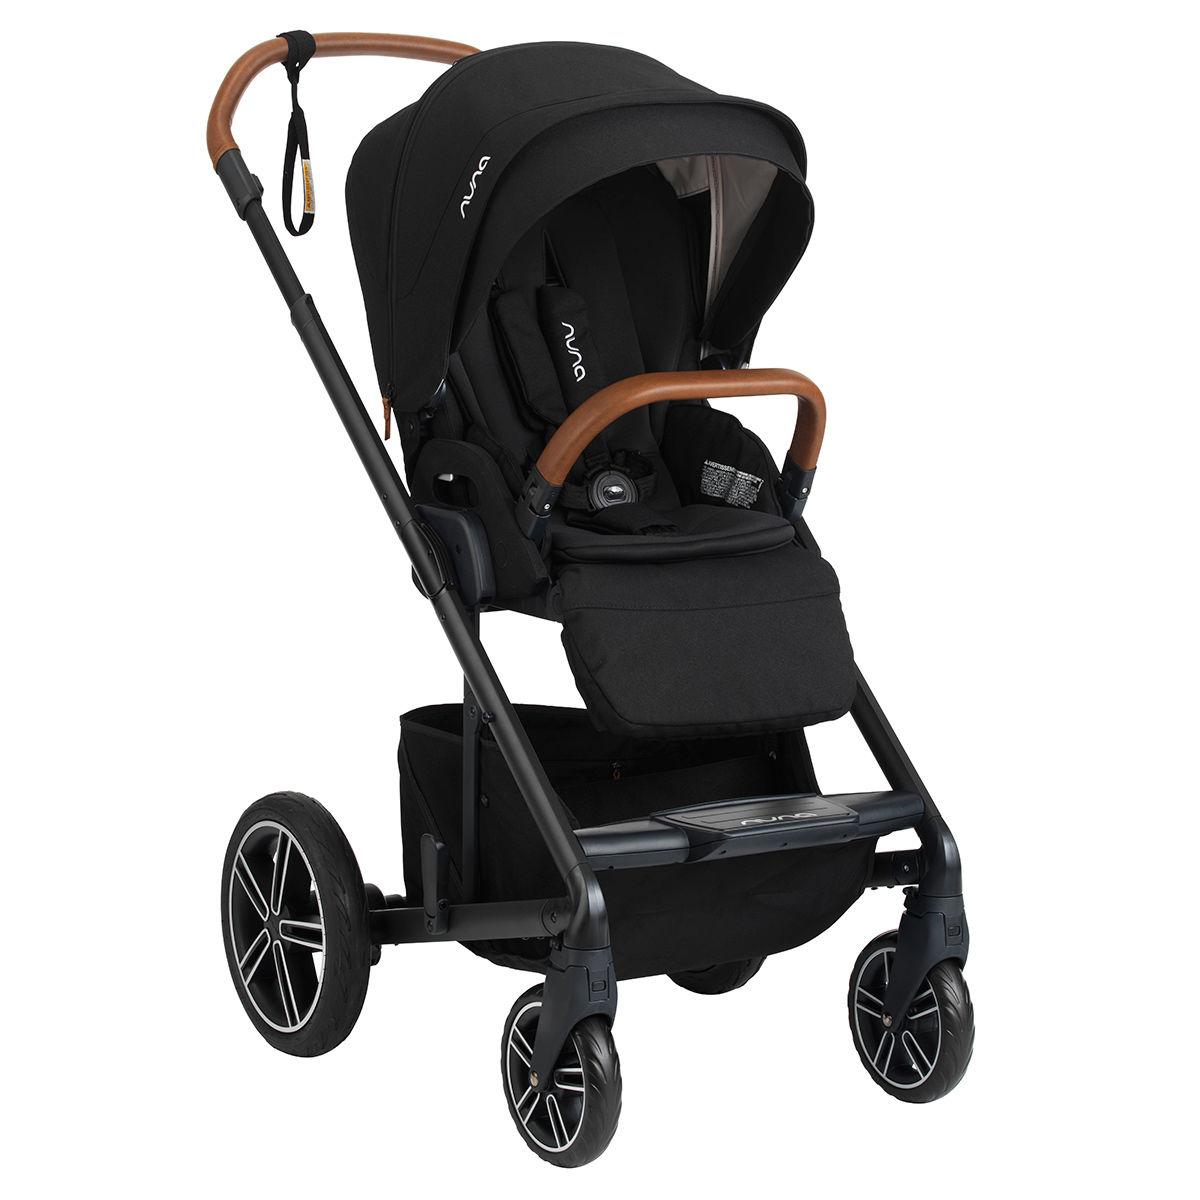 Nuna Mixx Stroller 2019